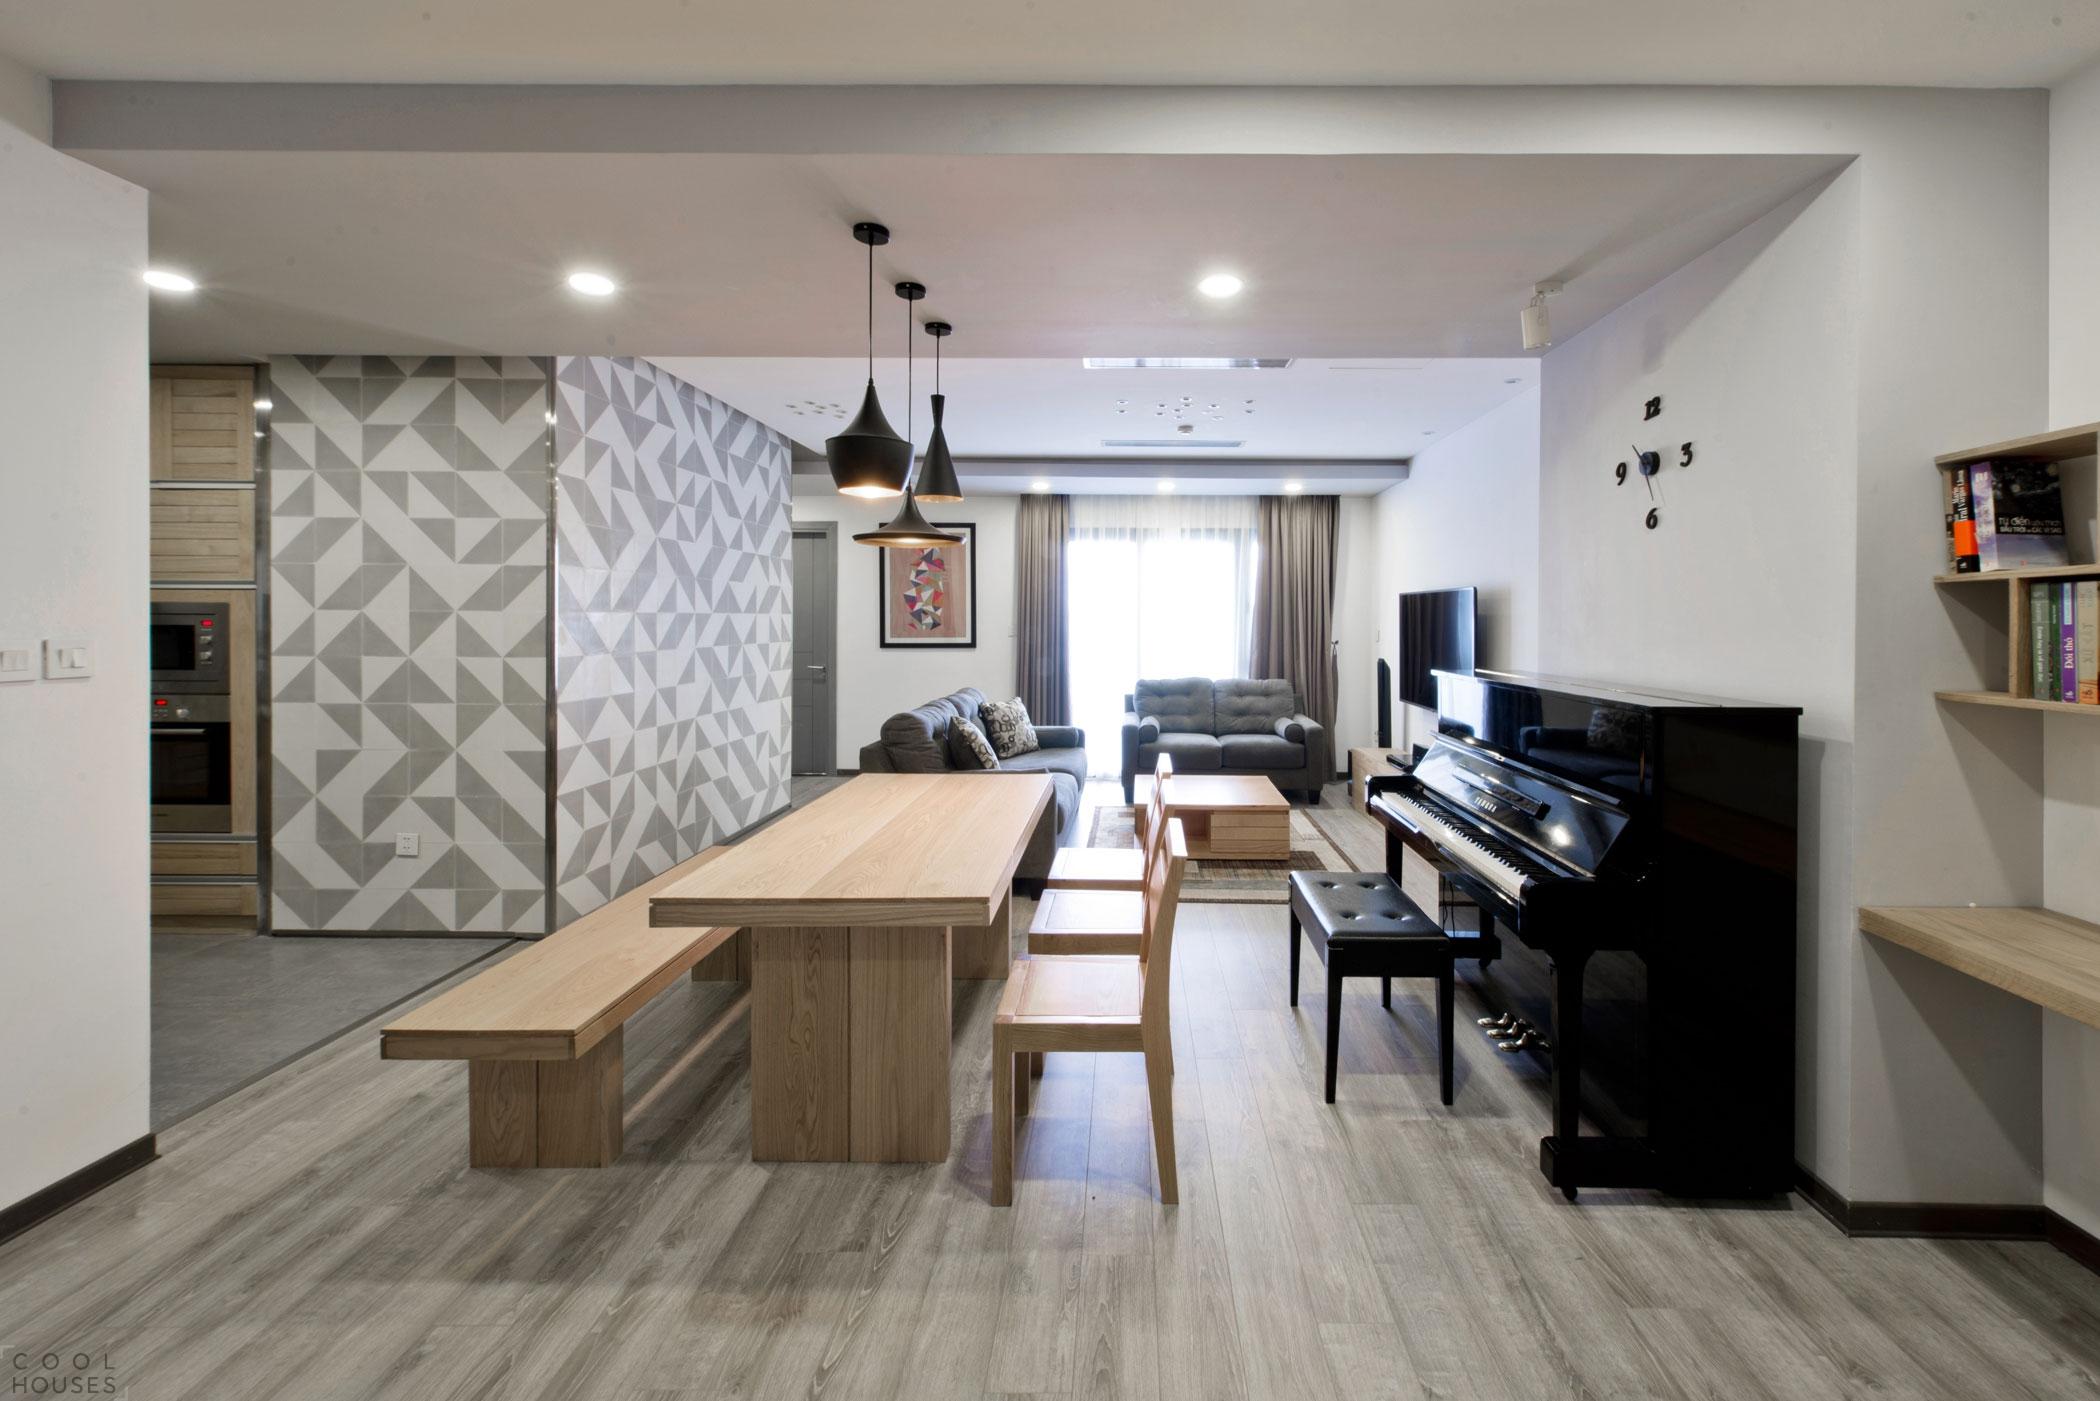 Квартира-студия с легким элегантным интерьером в центре Ханоя, Вьетнам